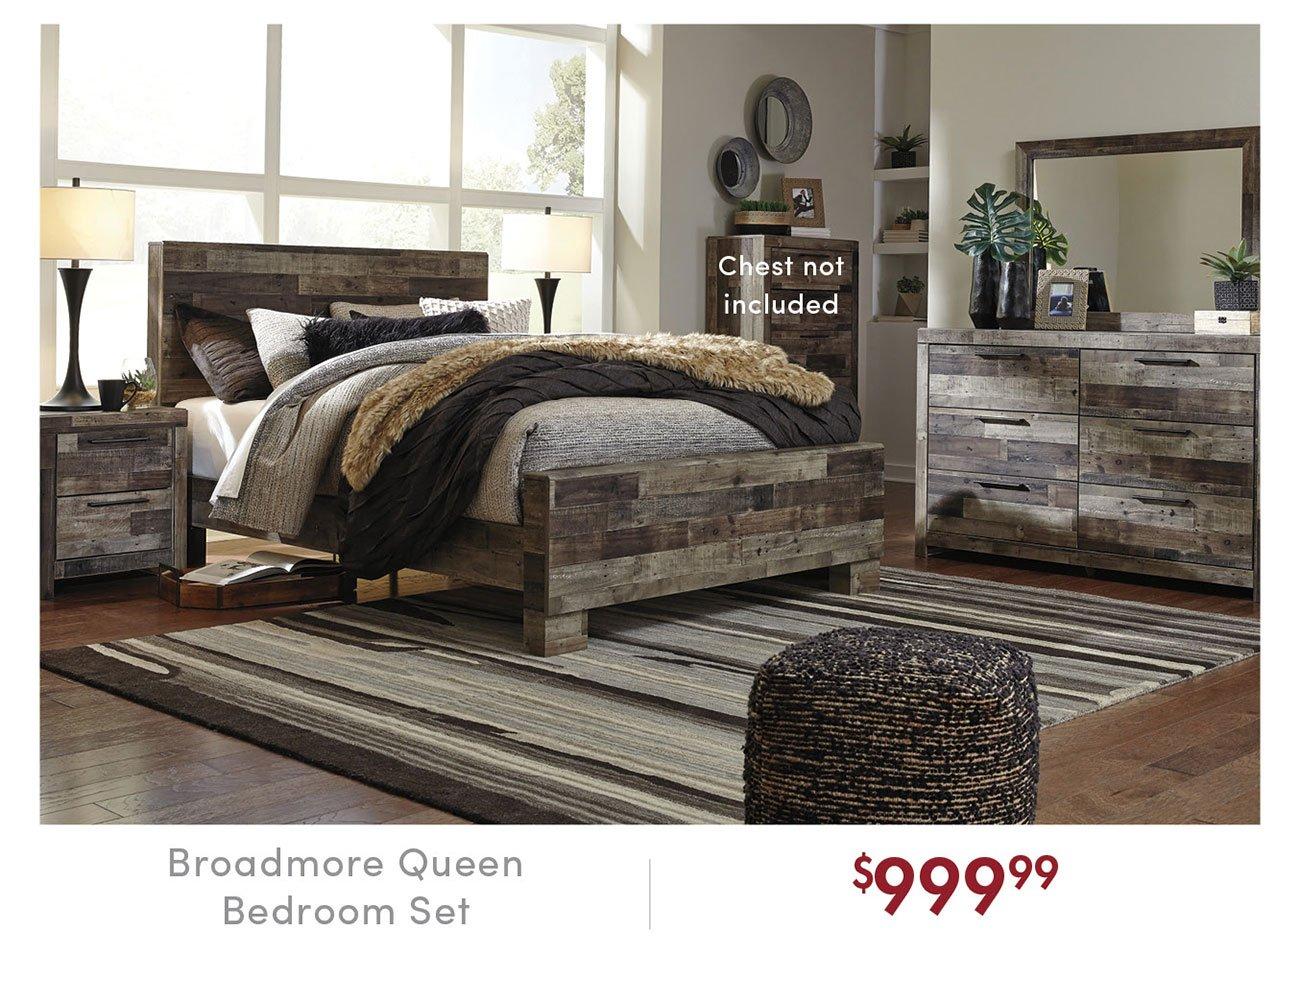 Broadmore-queen-bedroom-set